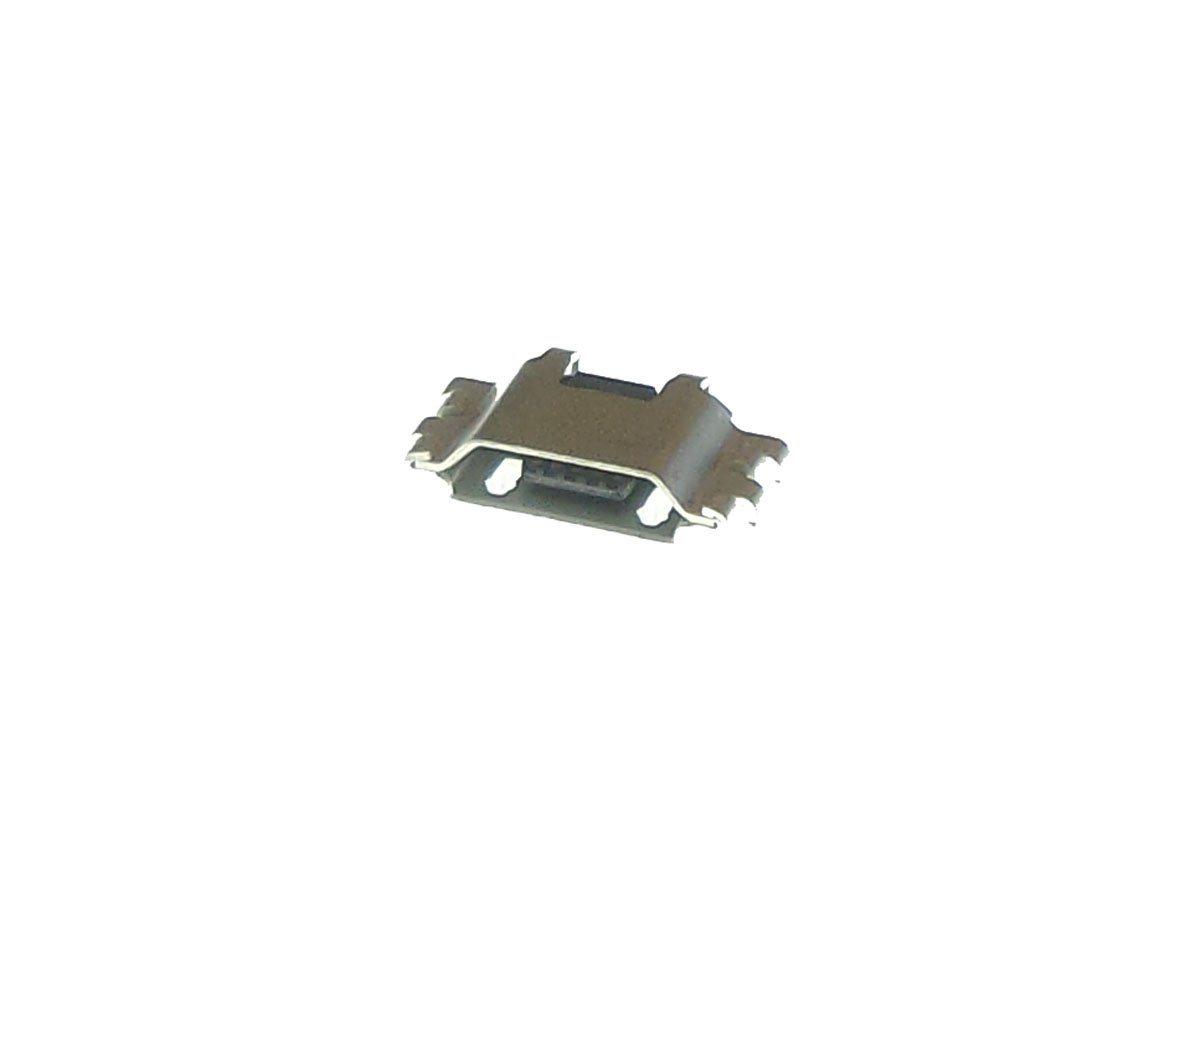 Flexible nappe de charge port USB pour Sony Xperia Z3 L55t D6603,D6633,D6643,D6653,D6616